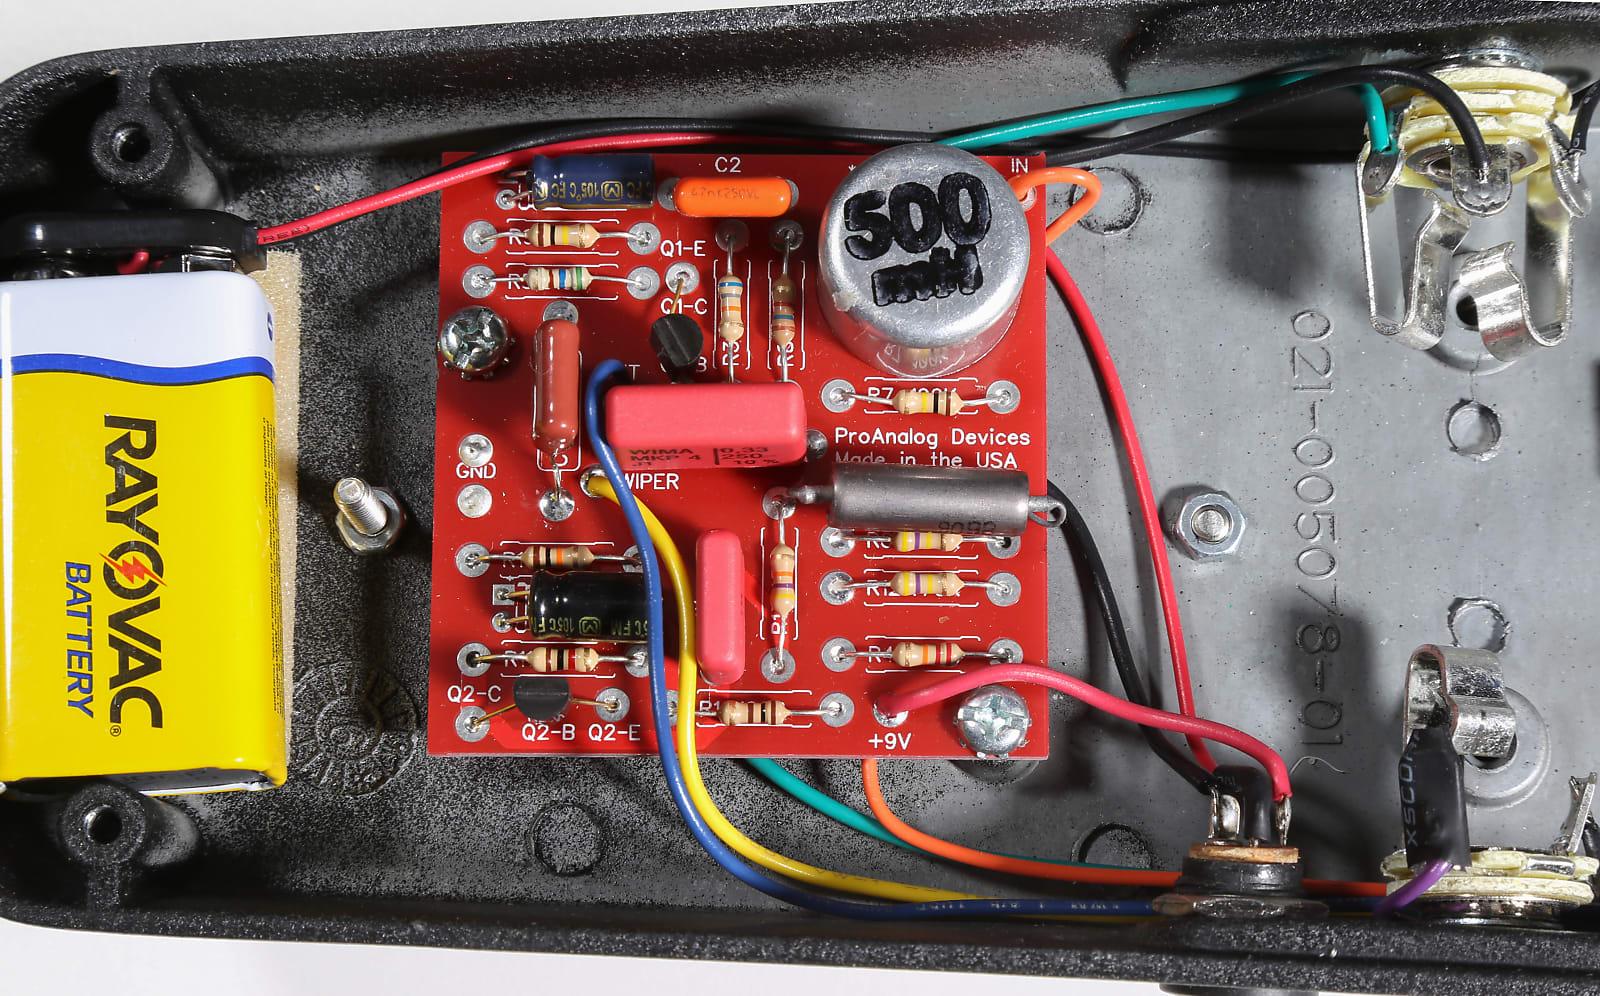 ProAnalog Devices Supa Quack Wah Wah